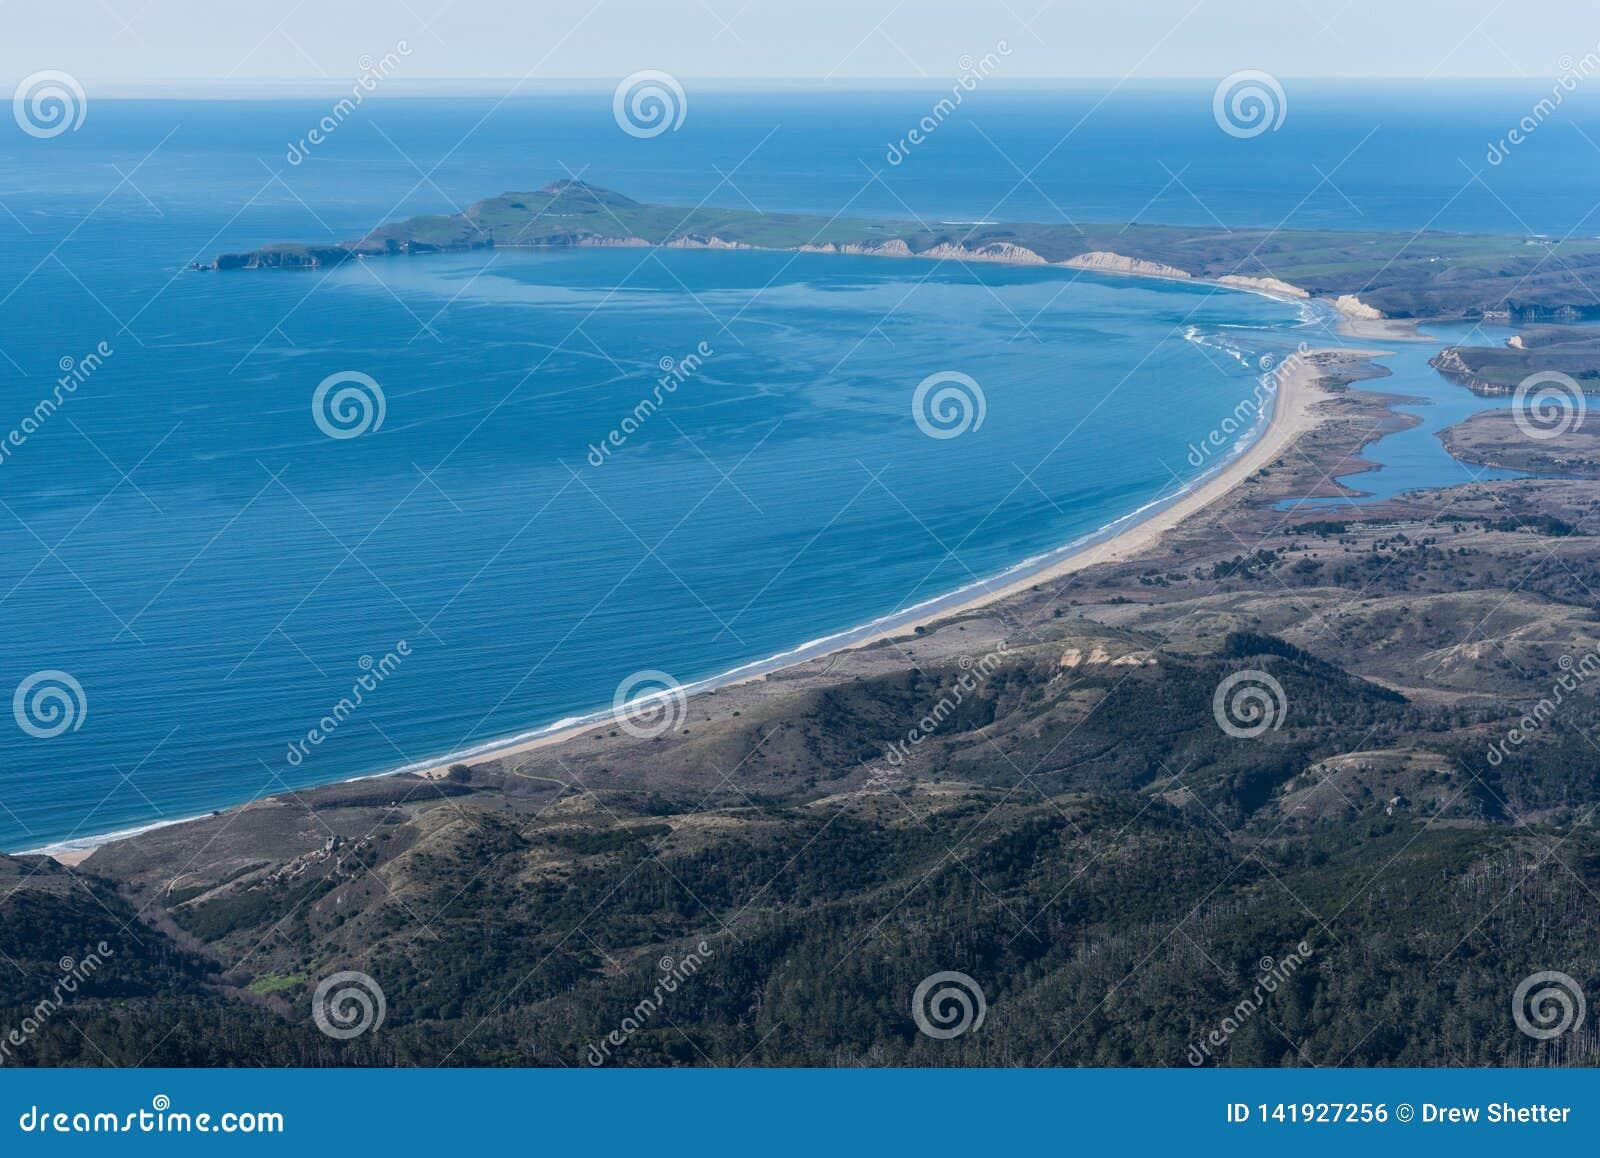 Fotografia aérea da praia de Limantour e do ponto Reyes National Seashore